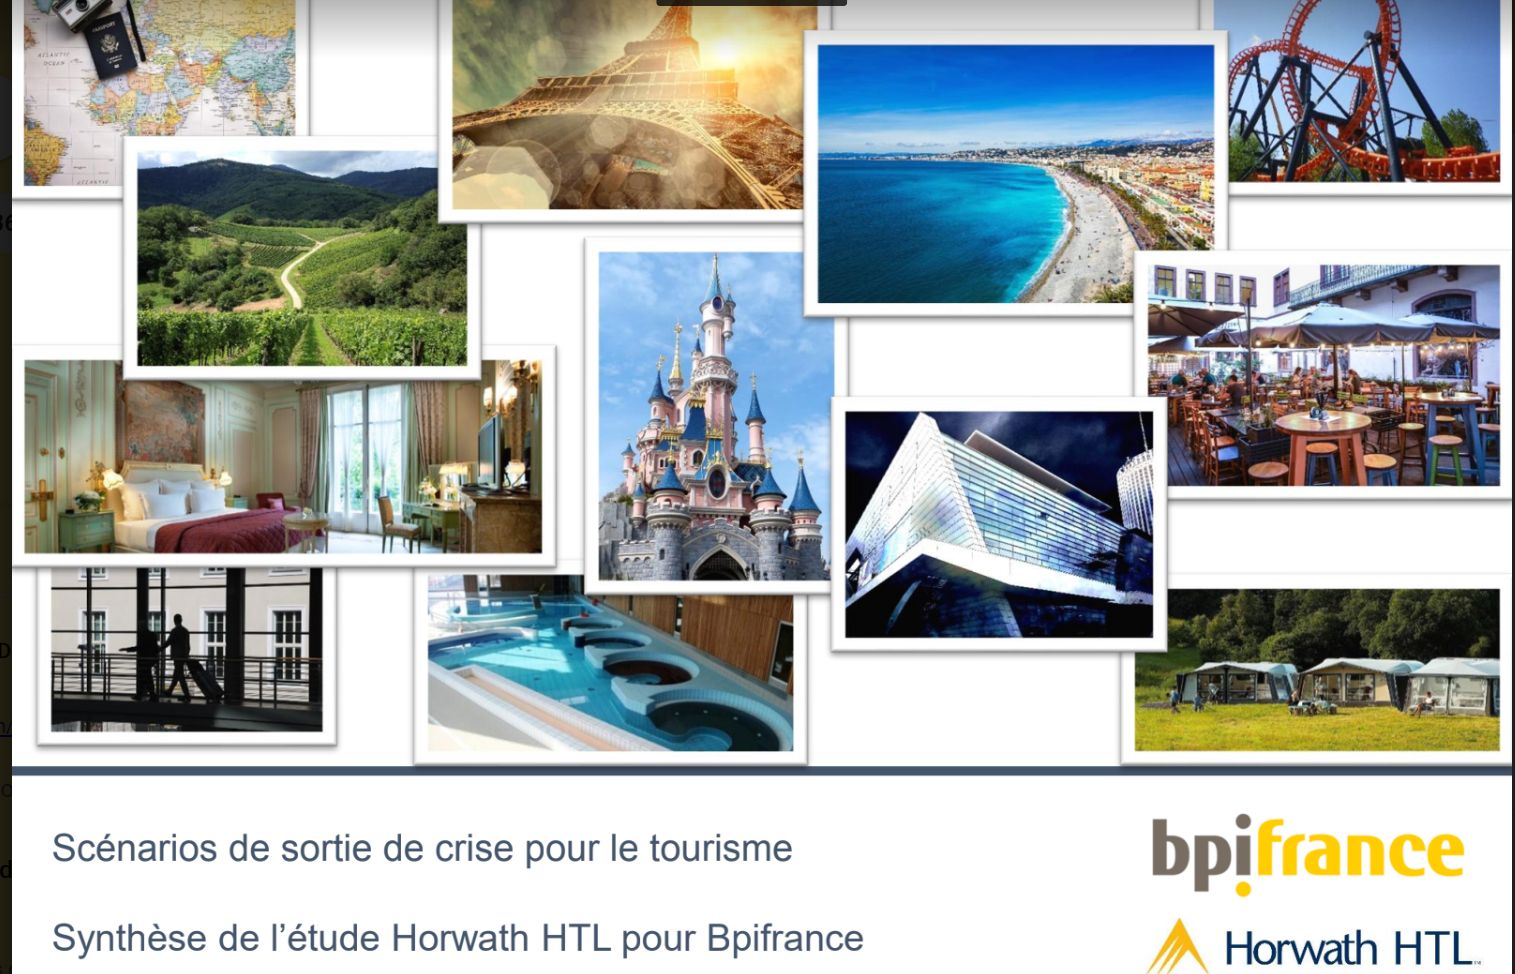 Etude Horwath HTL pour Bpifrance : scénarios de sortie de crise pour le tourisme